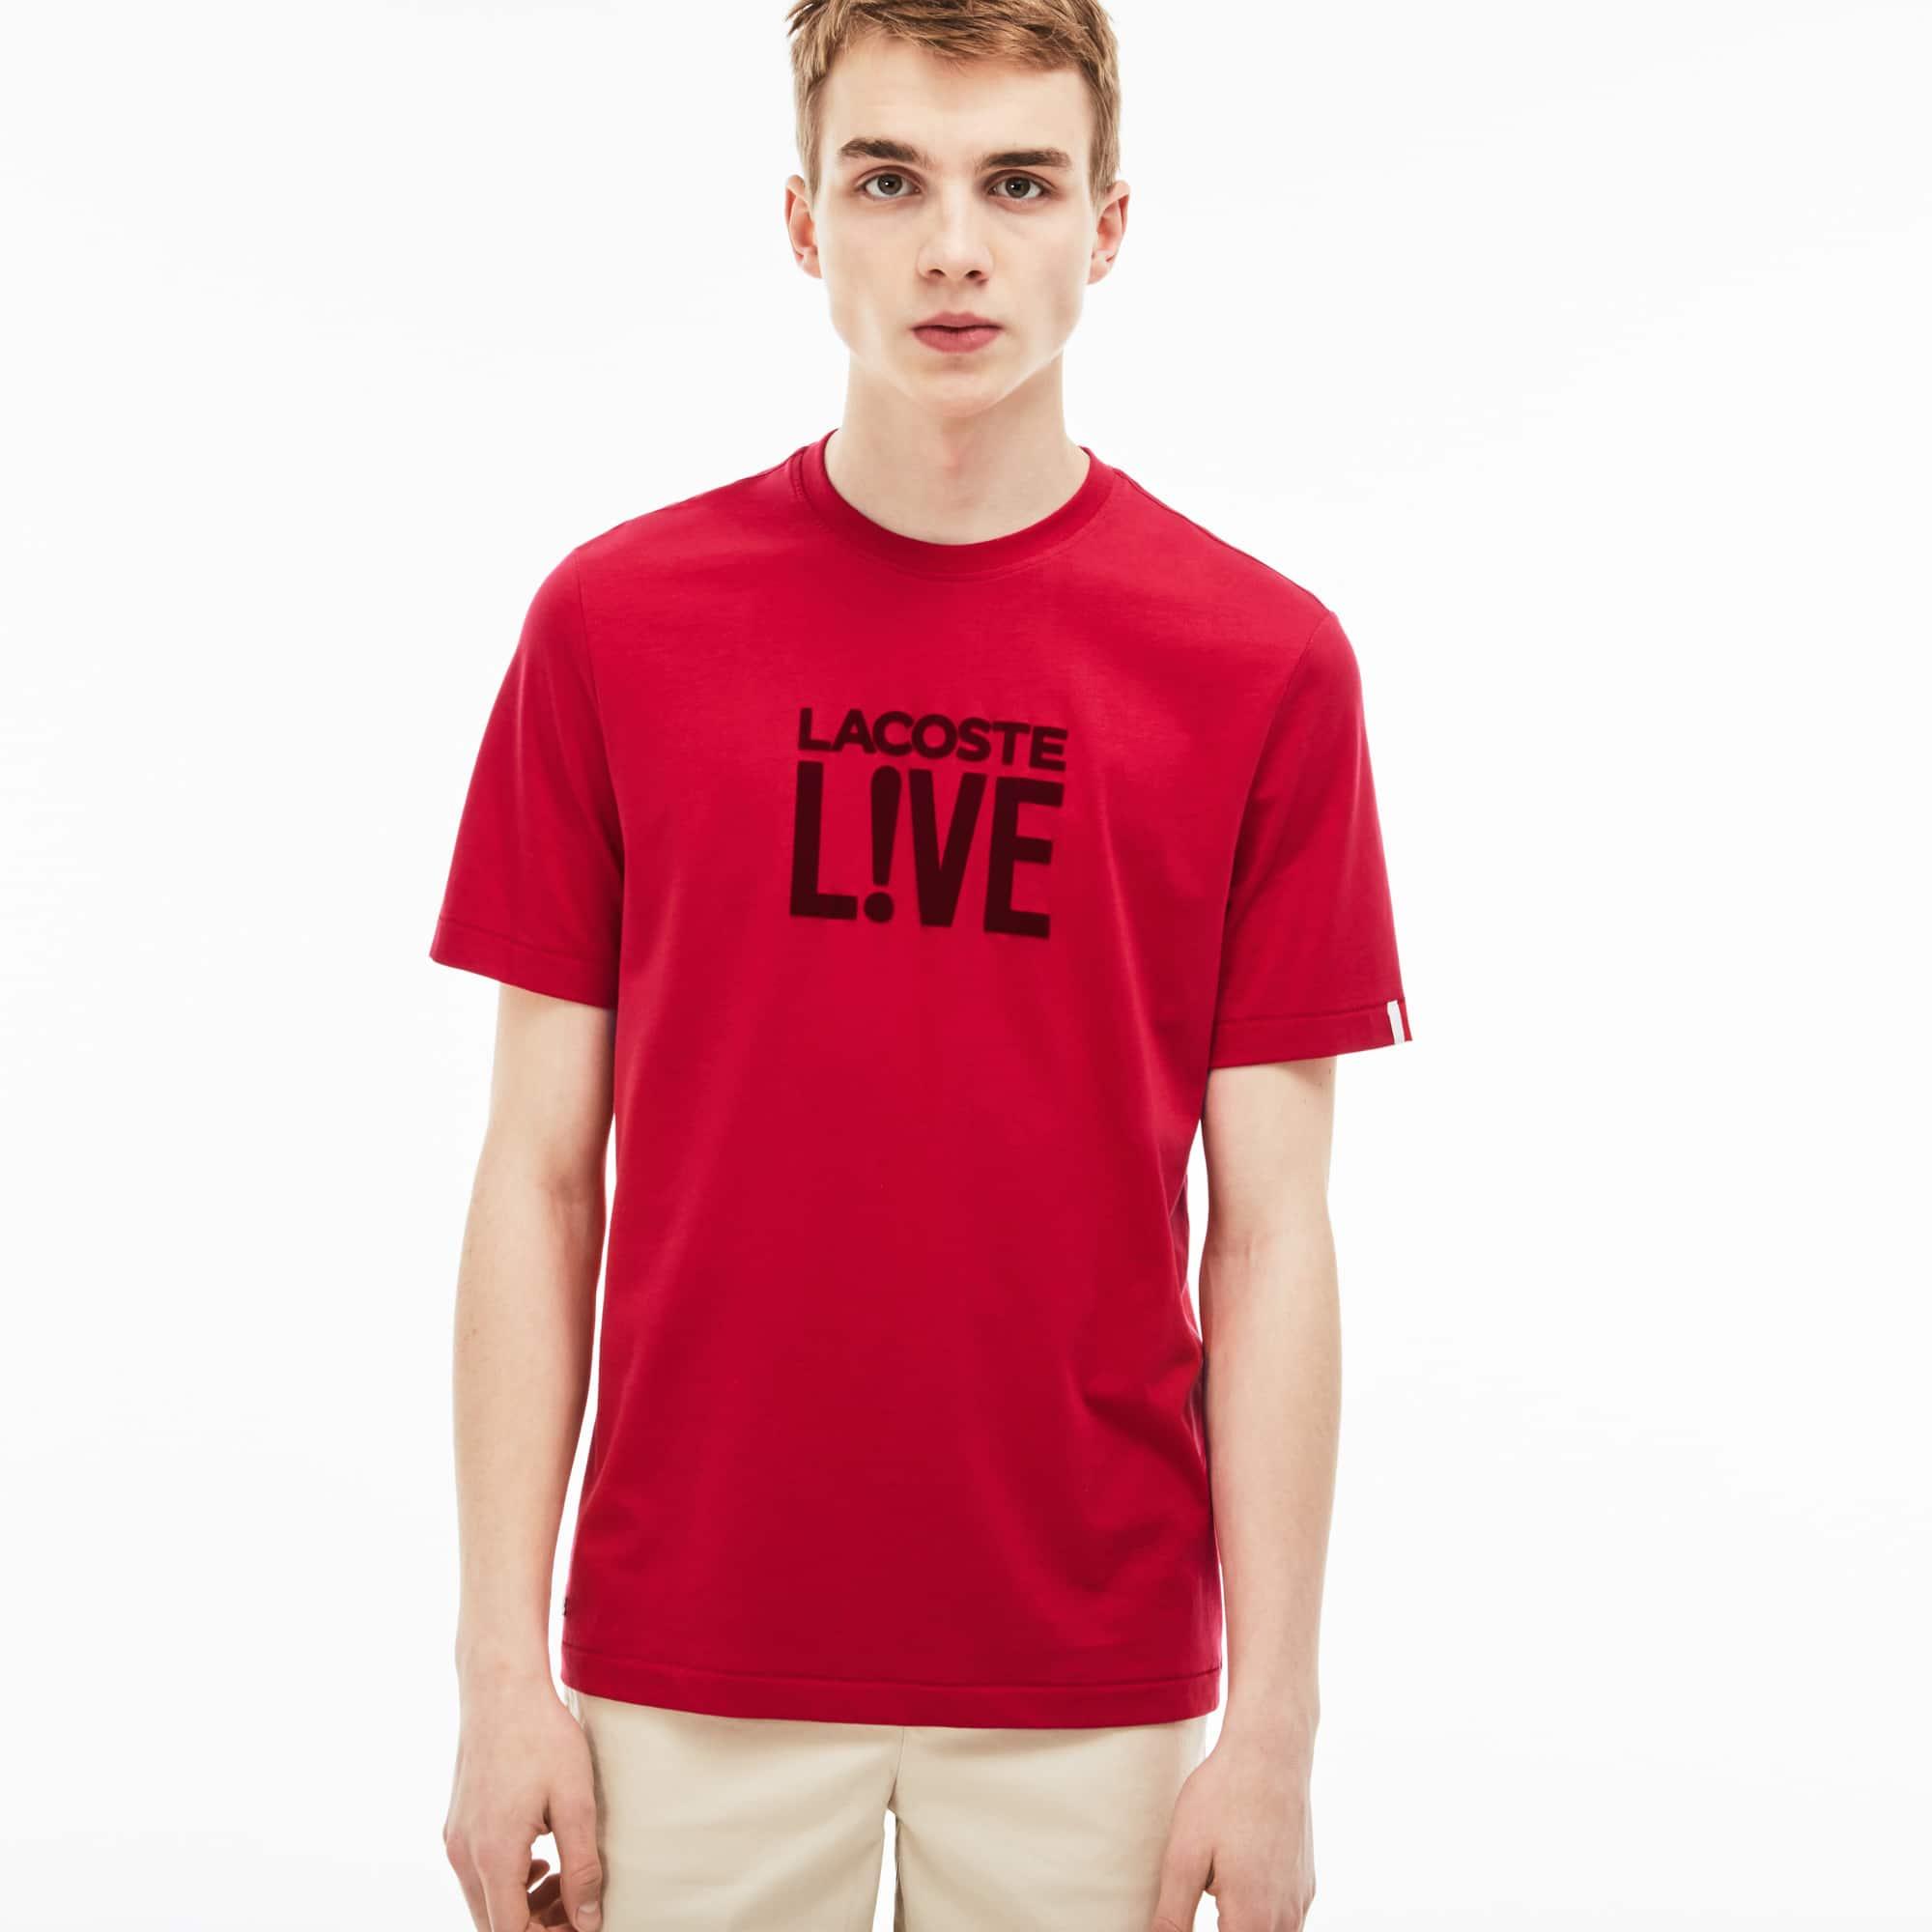 Men's Lacoste LIVE Crew Neck Velour Logo Jersey T-shirt